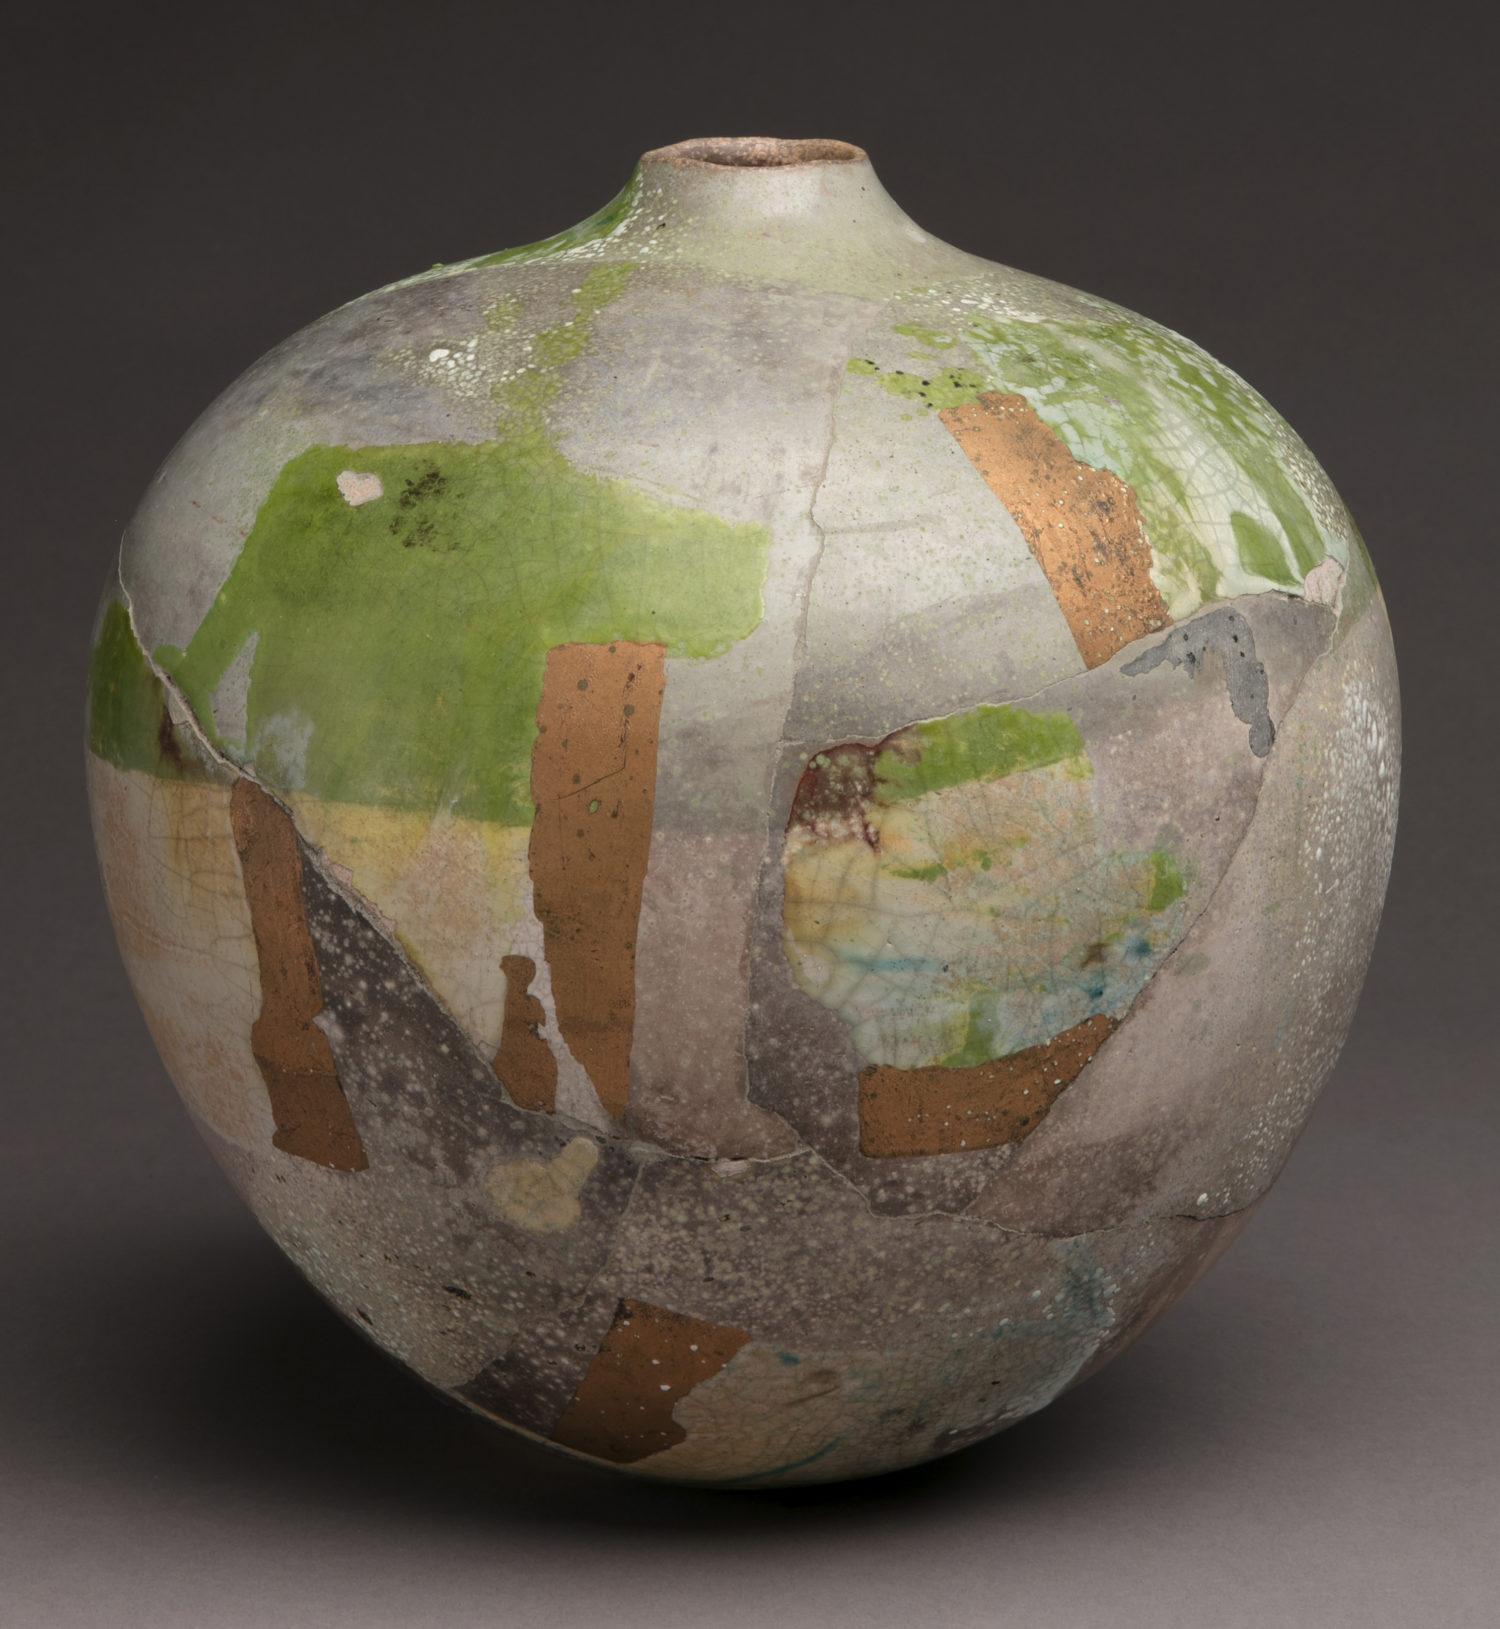 Small Globe (Copper and Green)